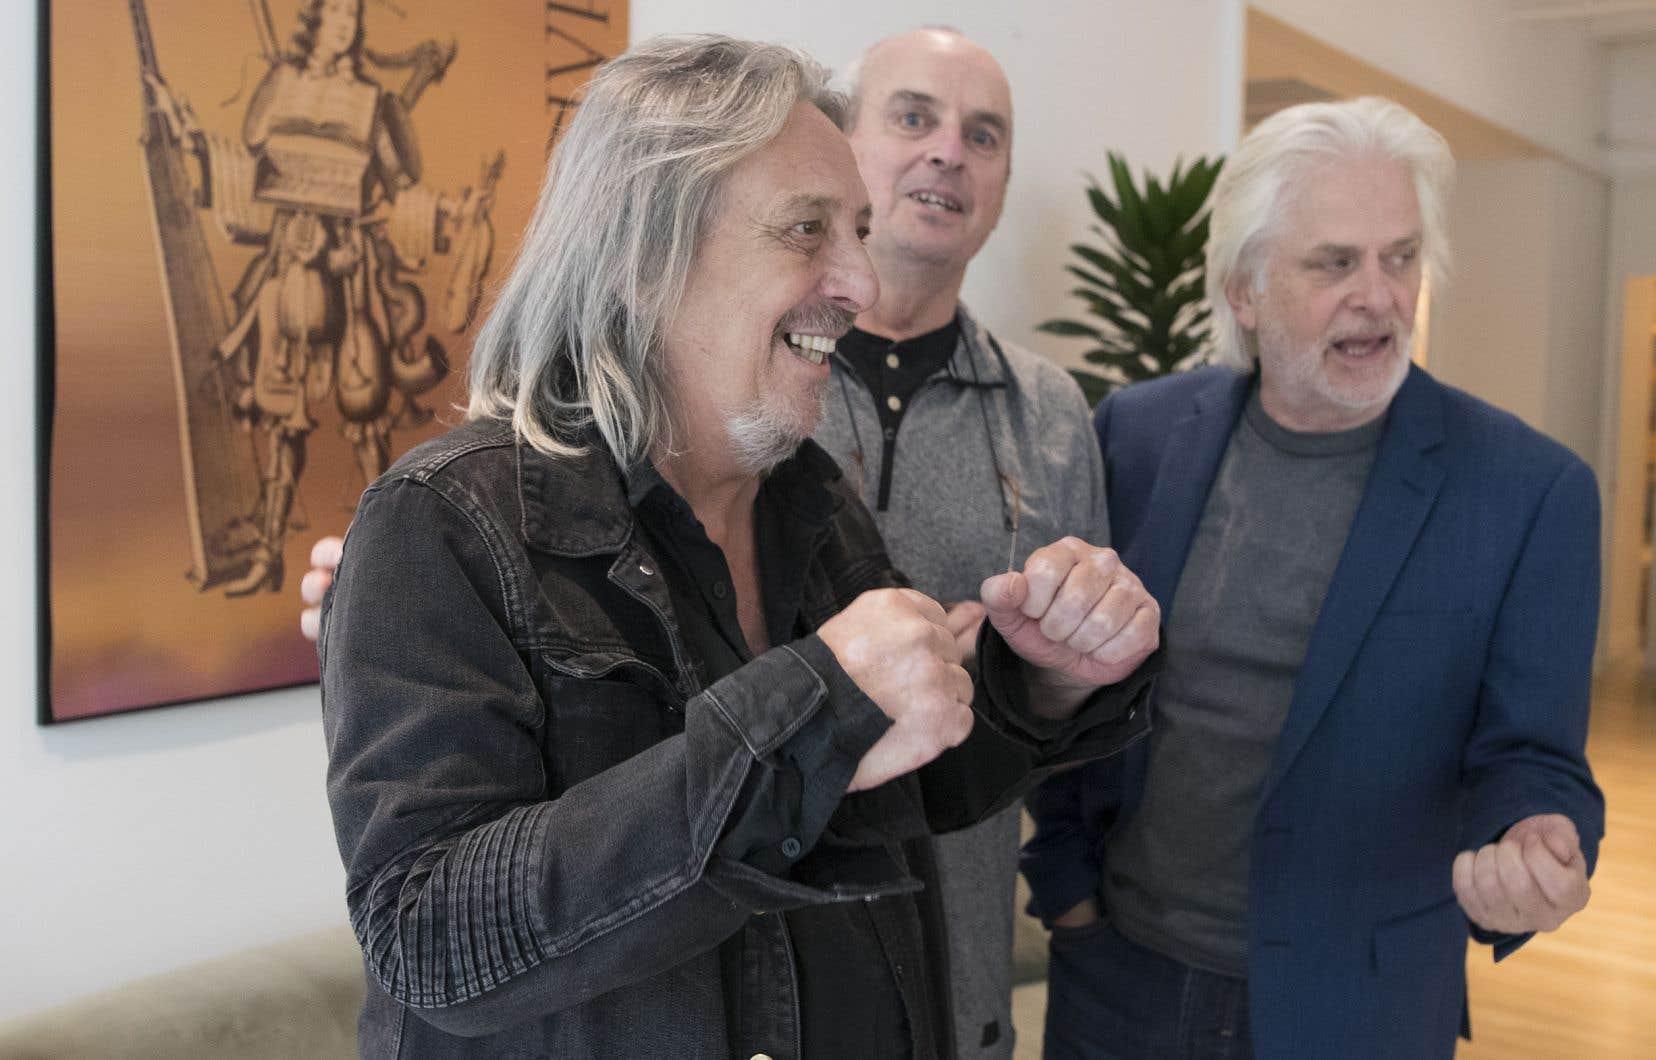 Le groupe d'origine réuni: Serge Fiori, Michel Normandeau et Louis Valois. Il aura fallu aussi la grande réconciliation.